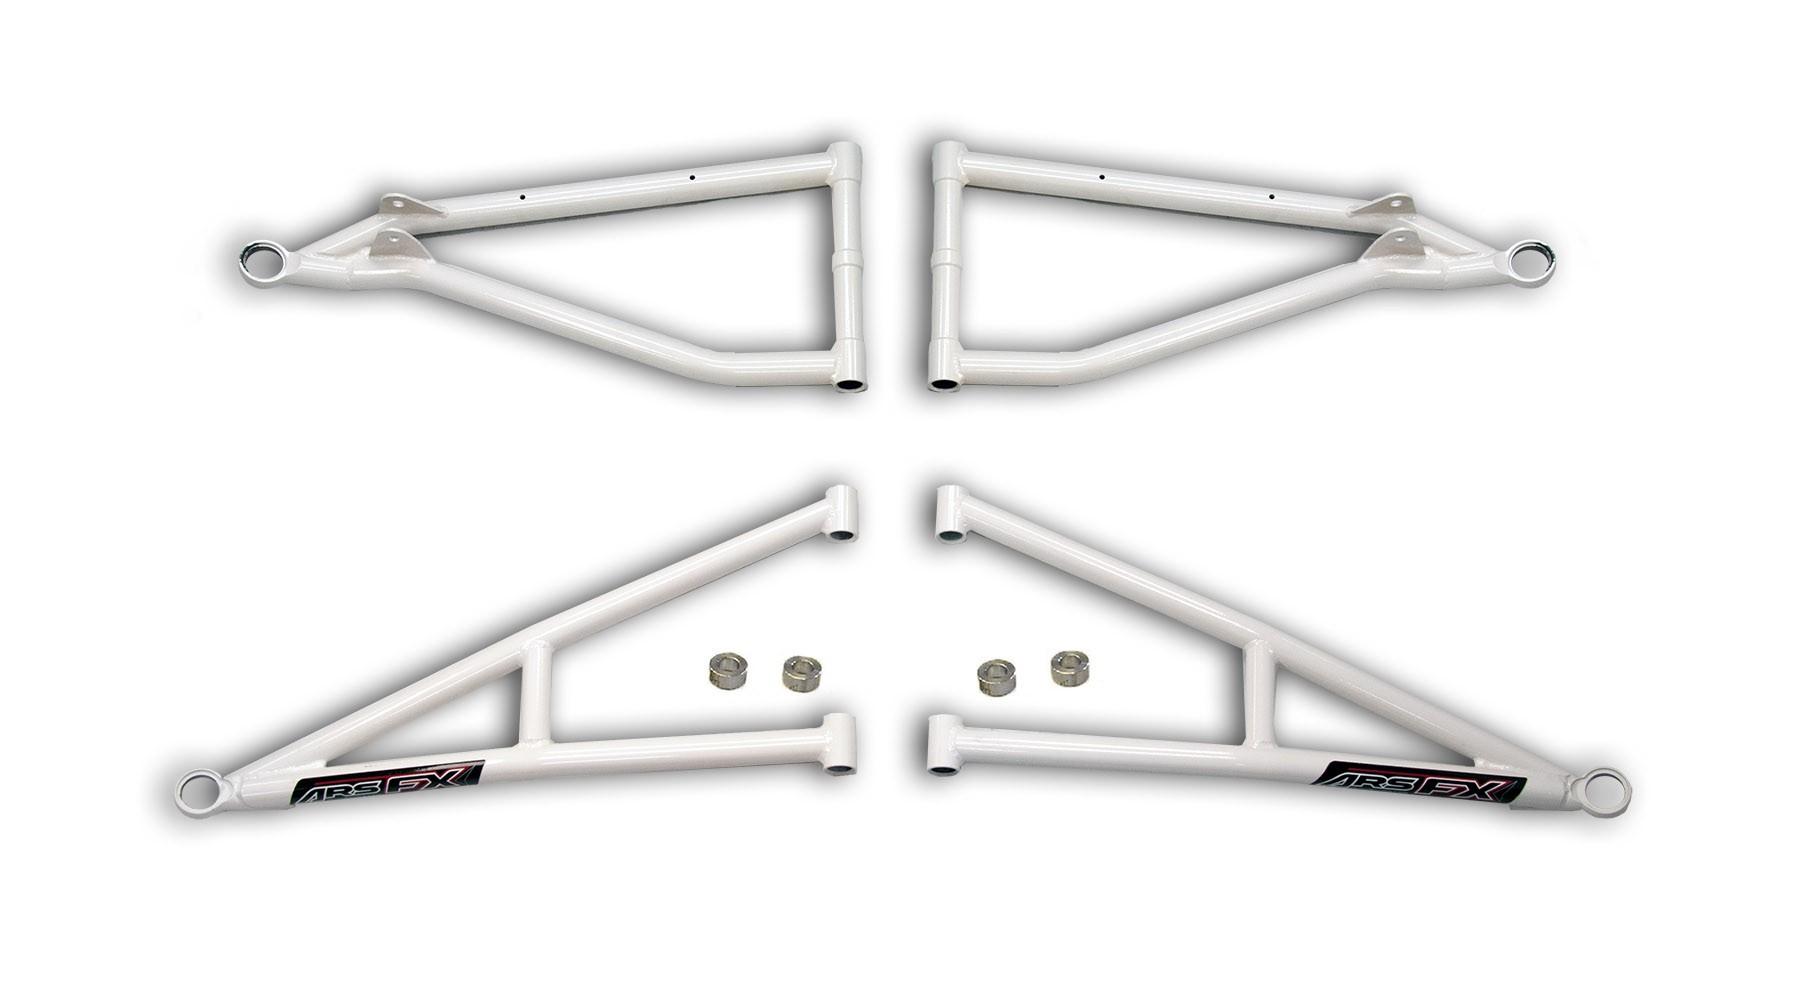 Ars Fx 2 Forward A Arm Kit For Polaris Rzr Xp 900 Rzr